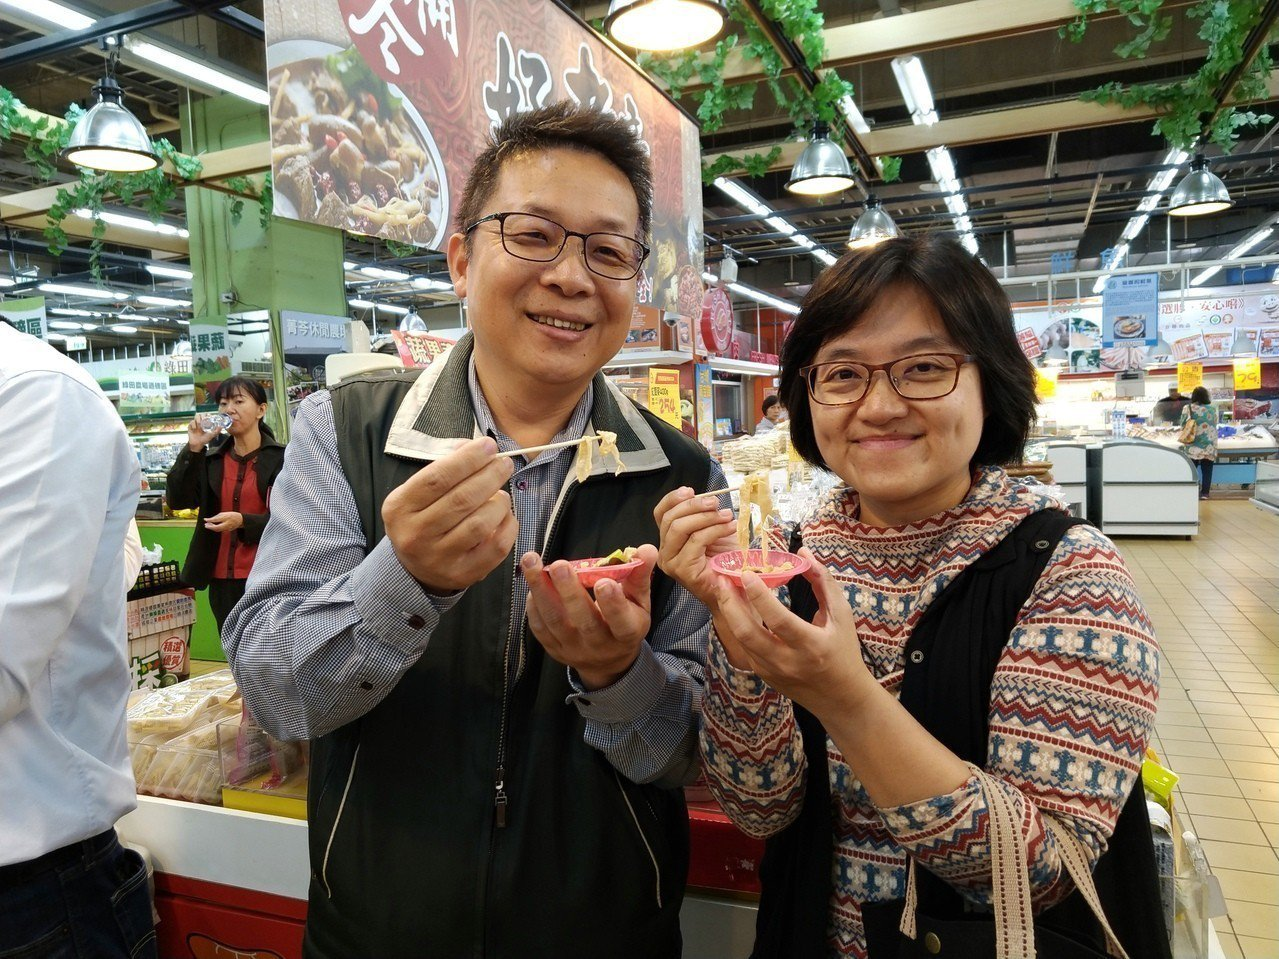 民眾在量販店試吃芹菜炒豆皮。圖/明道大學提供